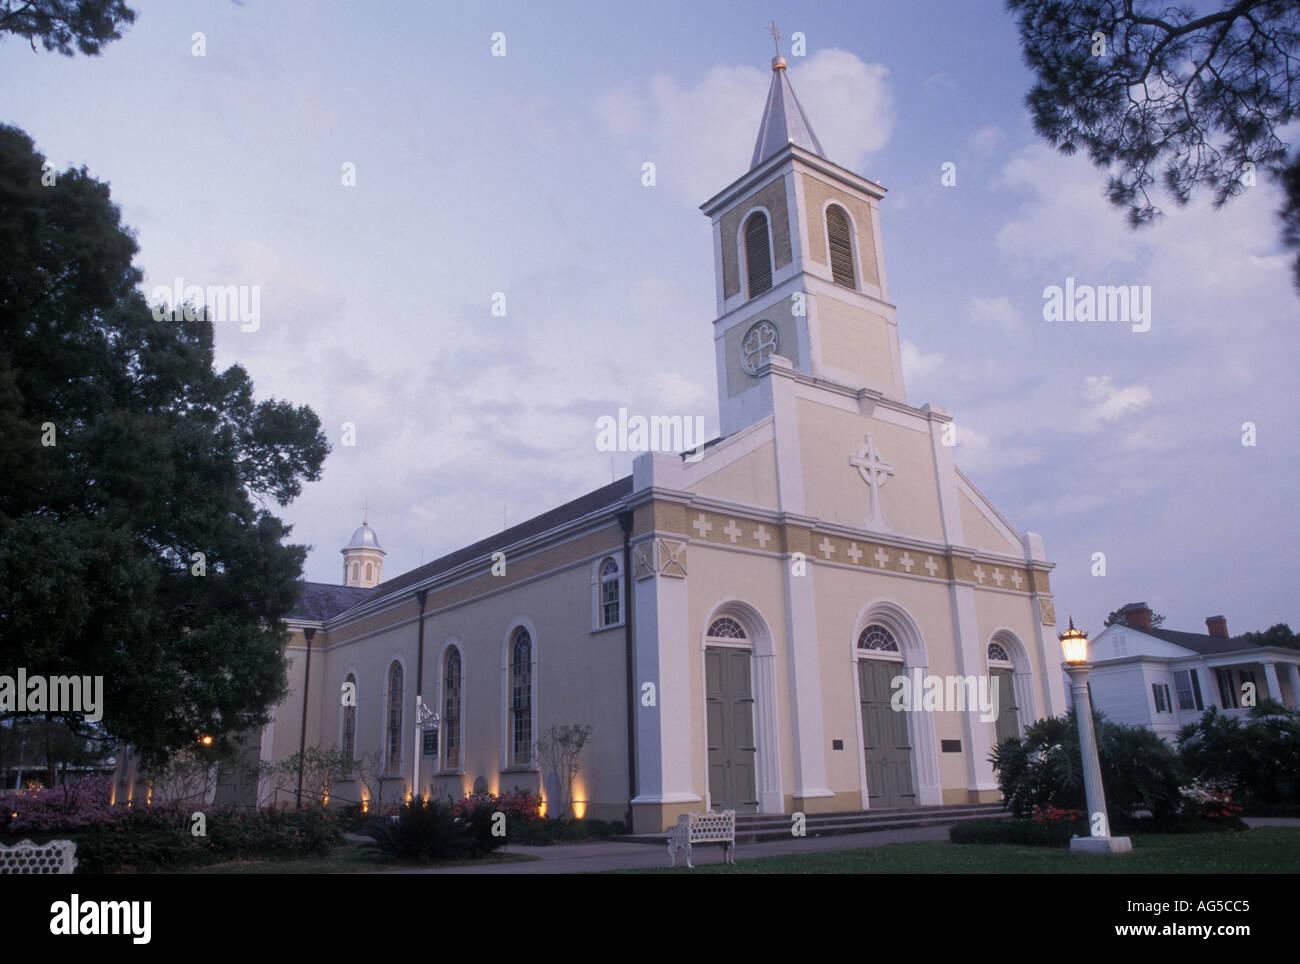 AJ14906, St. Martinville, LA, Louisiana - Stock Image